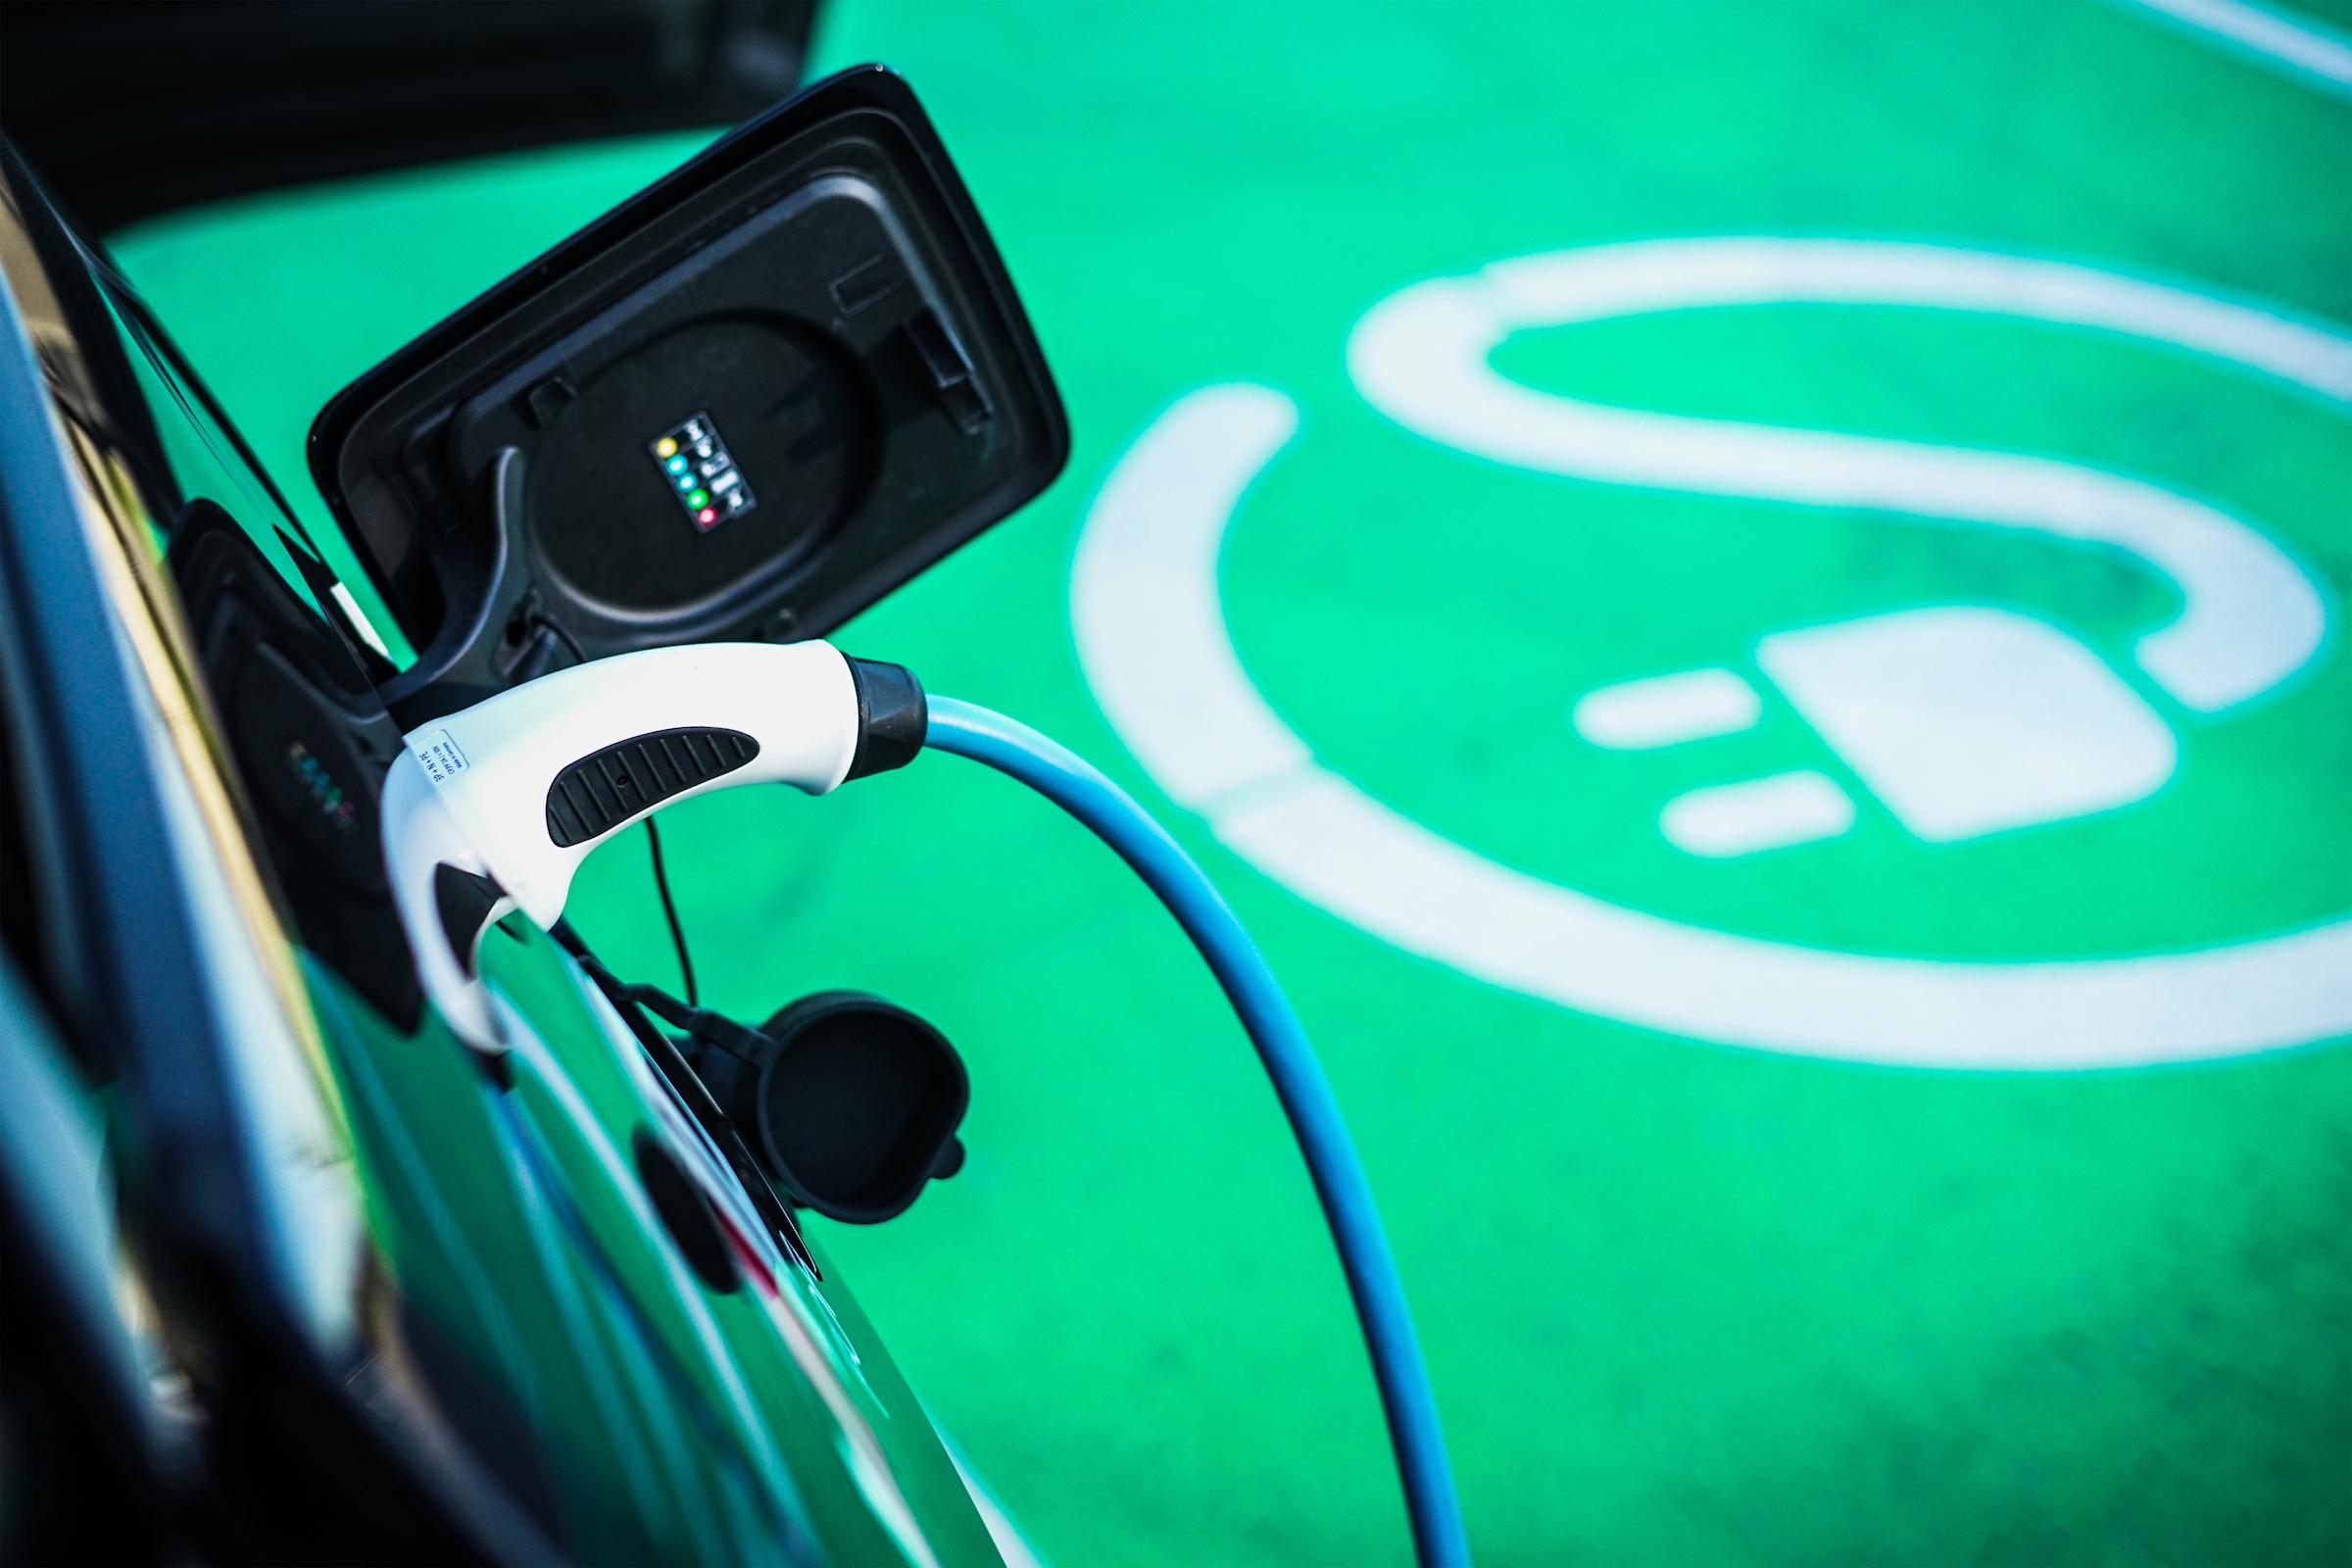 Cargar la batería de un coche en 10 minutos será posible gracias a esta tecnología